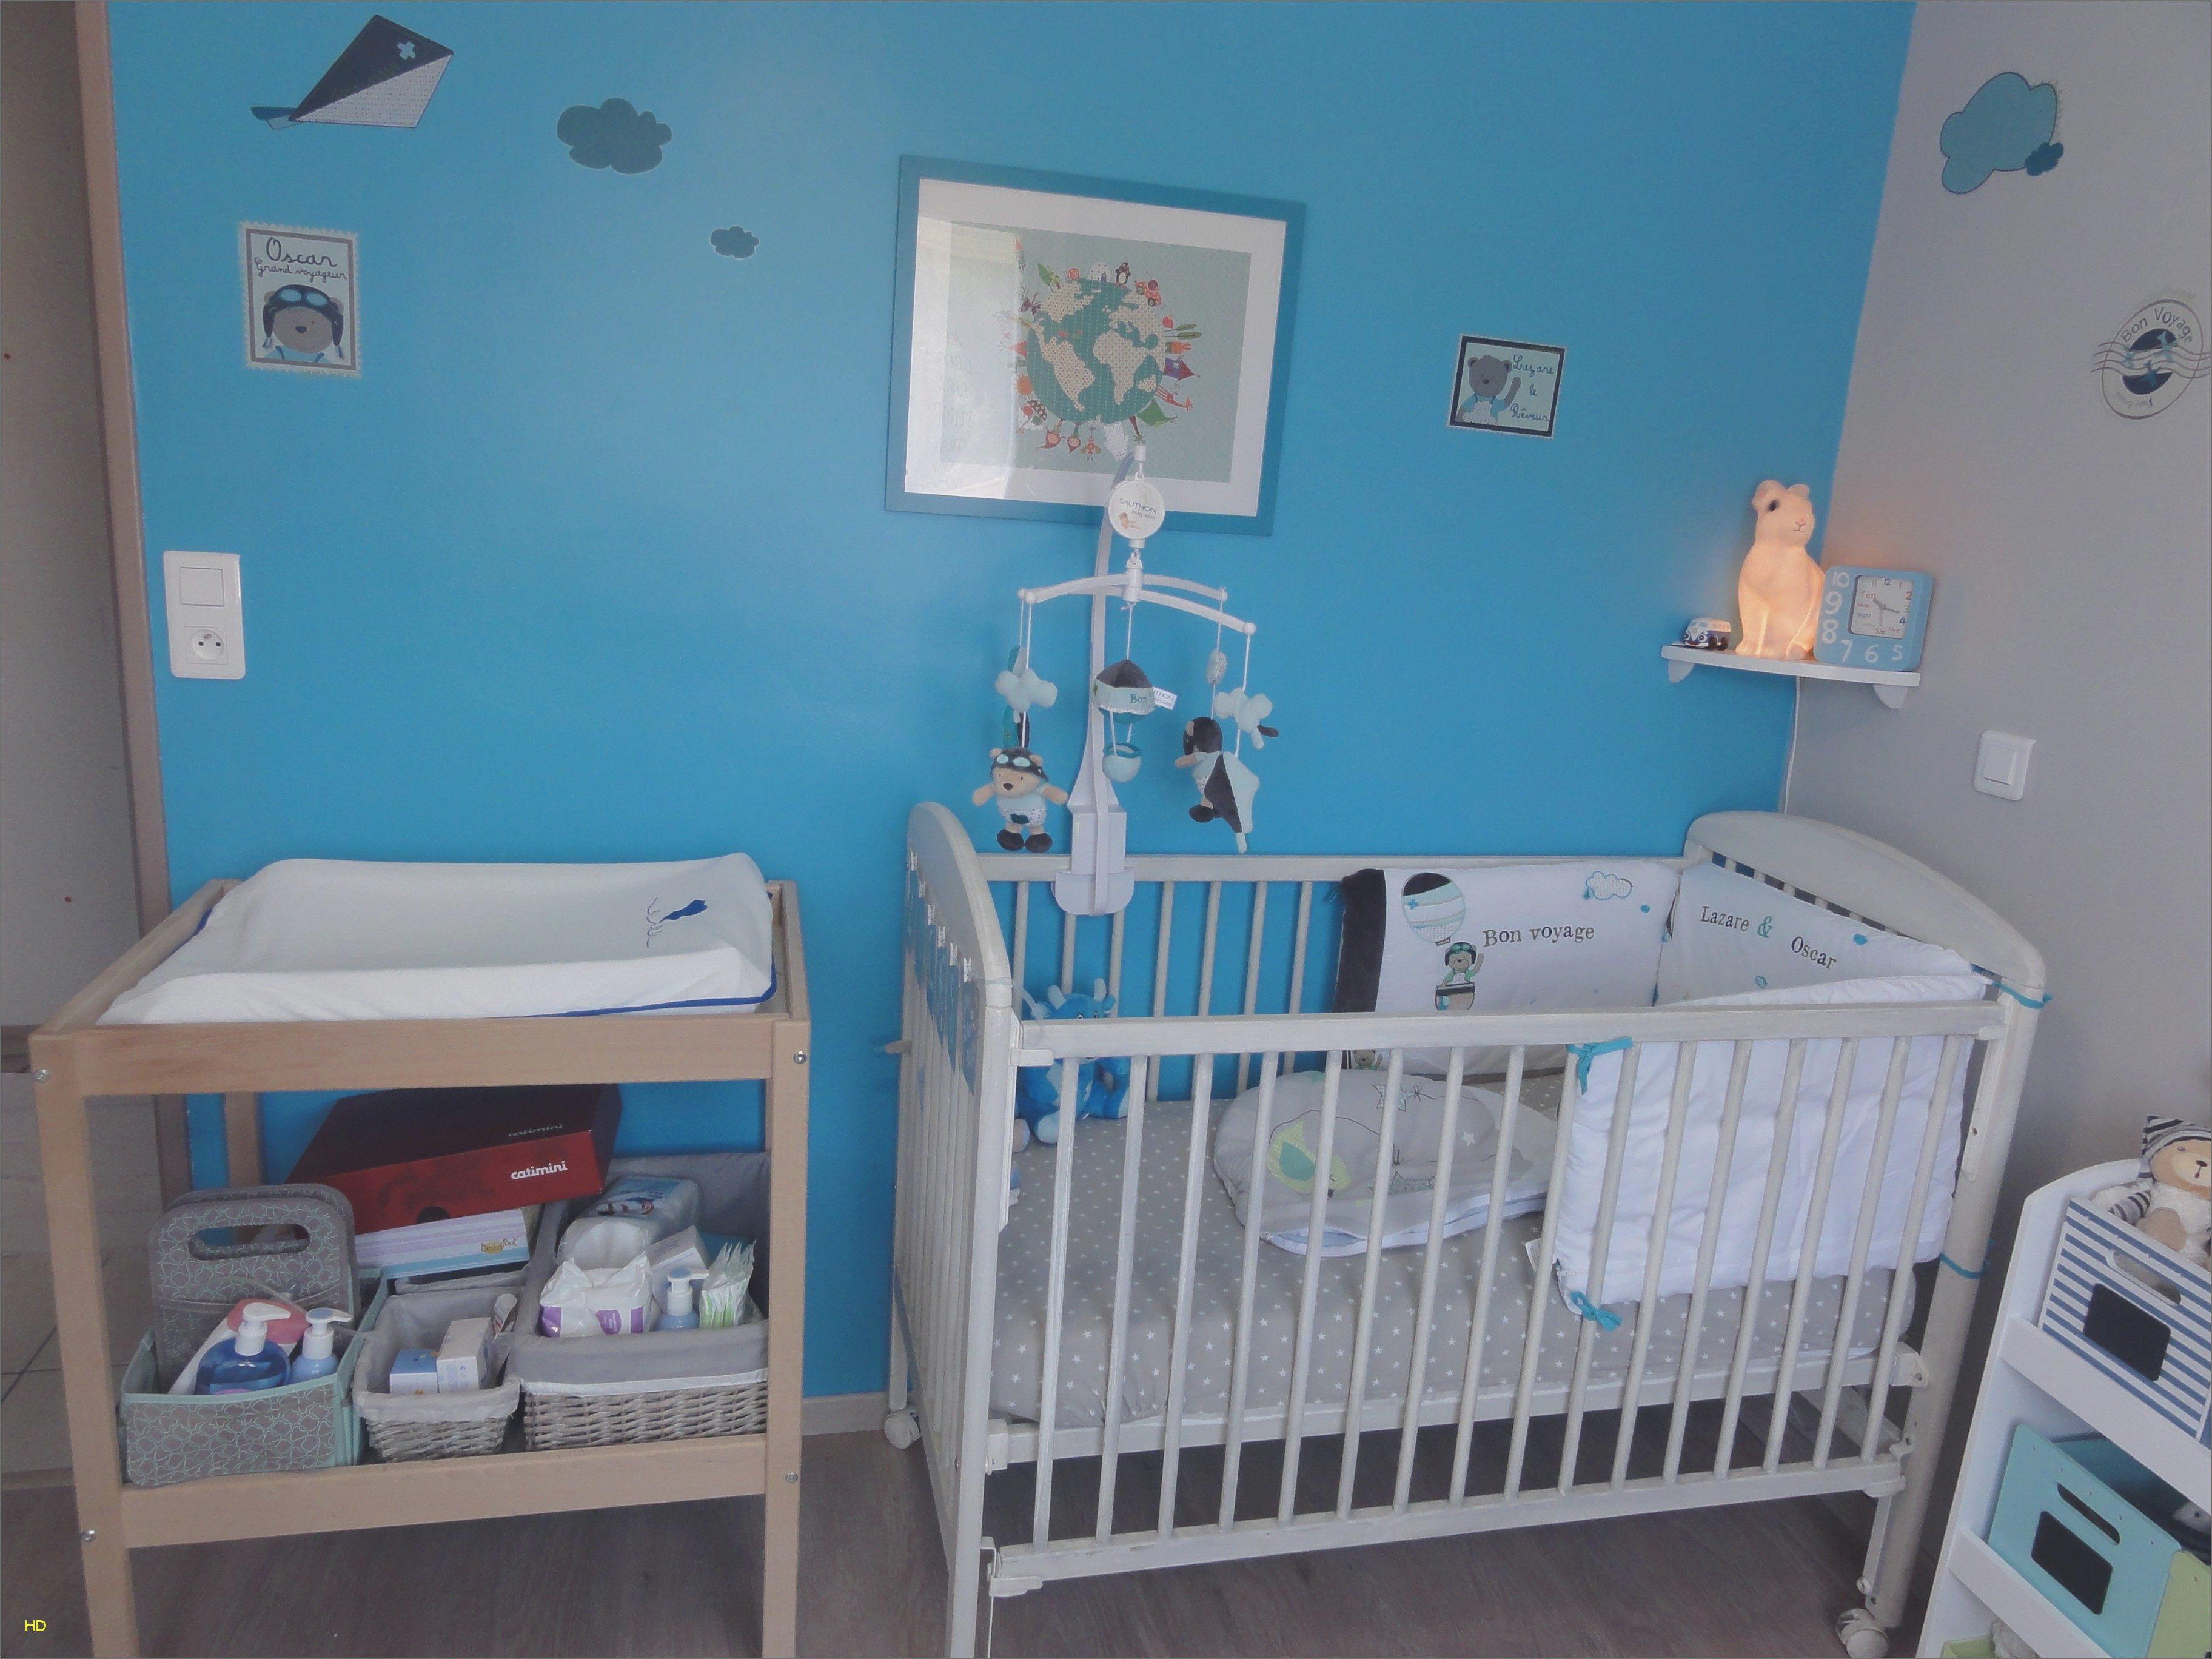 Lit Superposé Pour Enfant Agréable Chaise Table Bébé Cuisine Pour Bebe Lovely Lit Ikea Bebe 12 Superpos